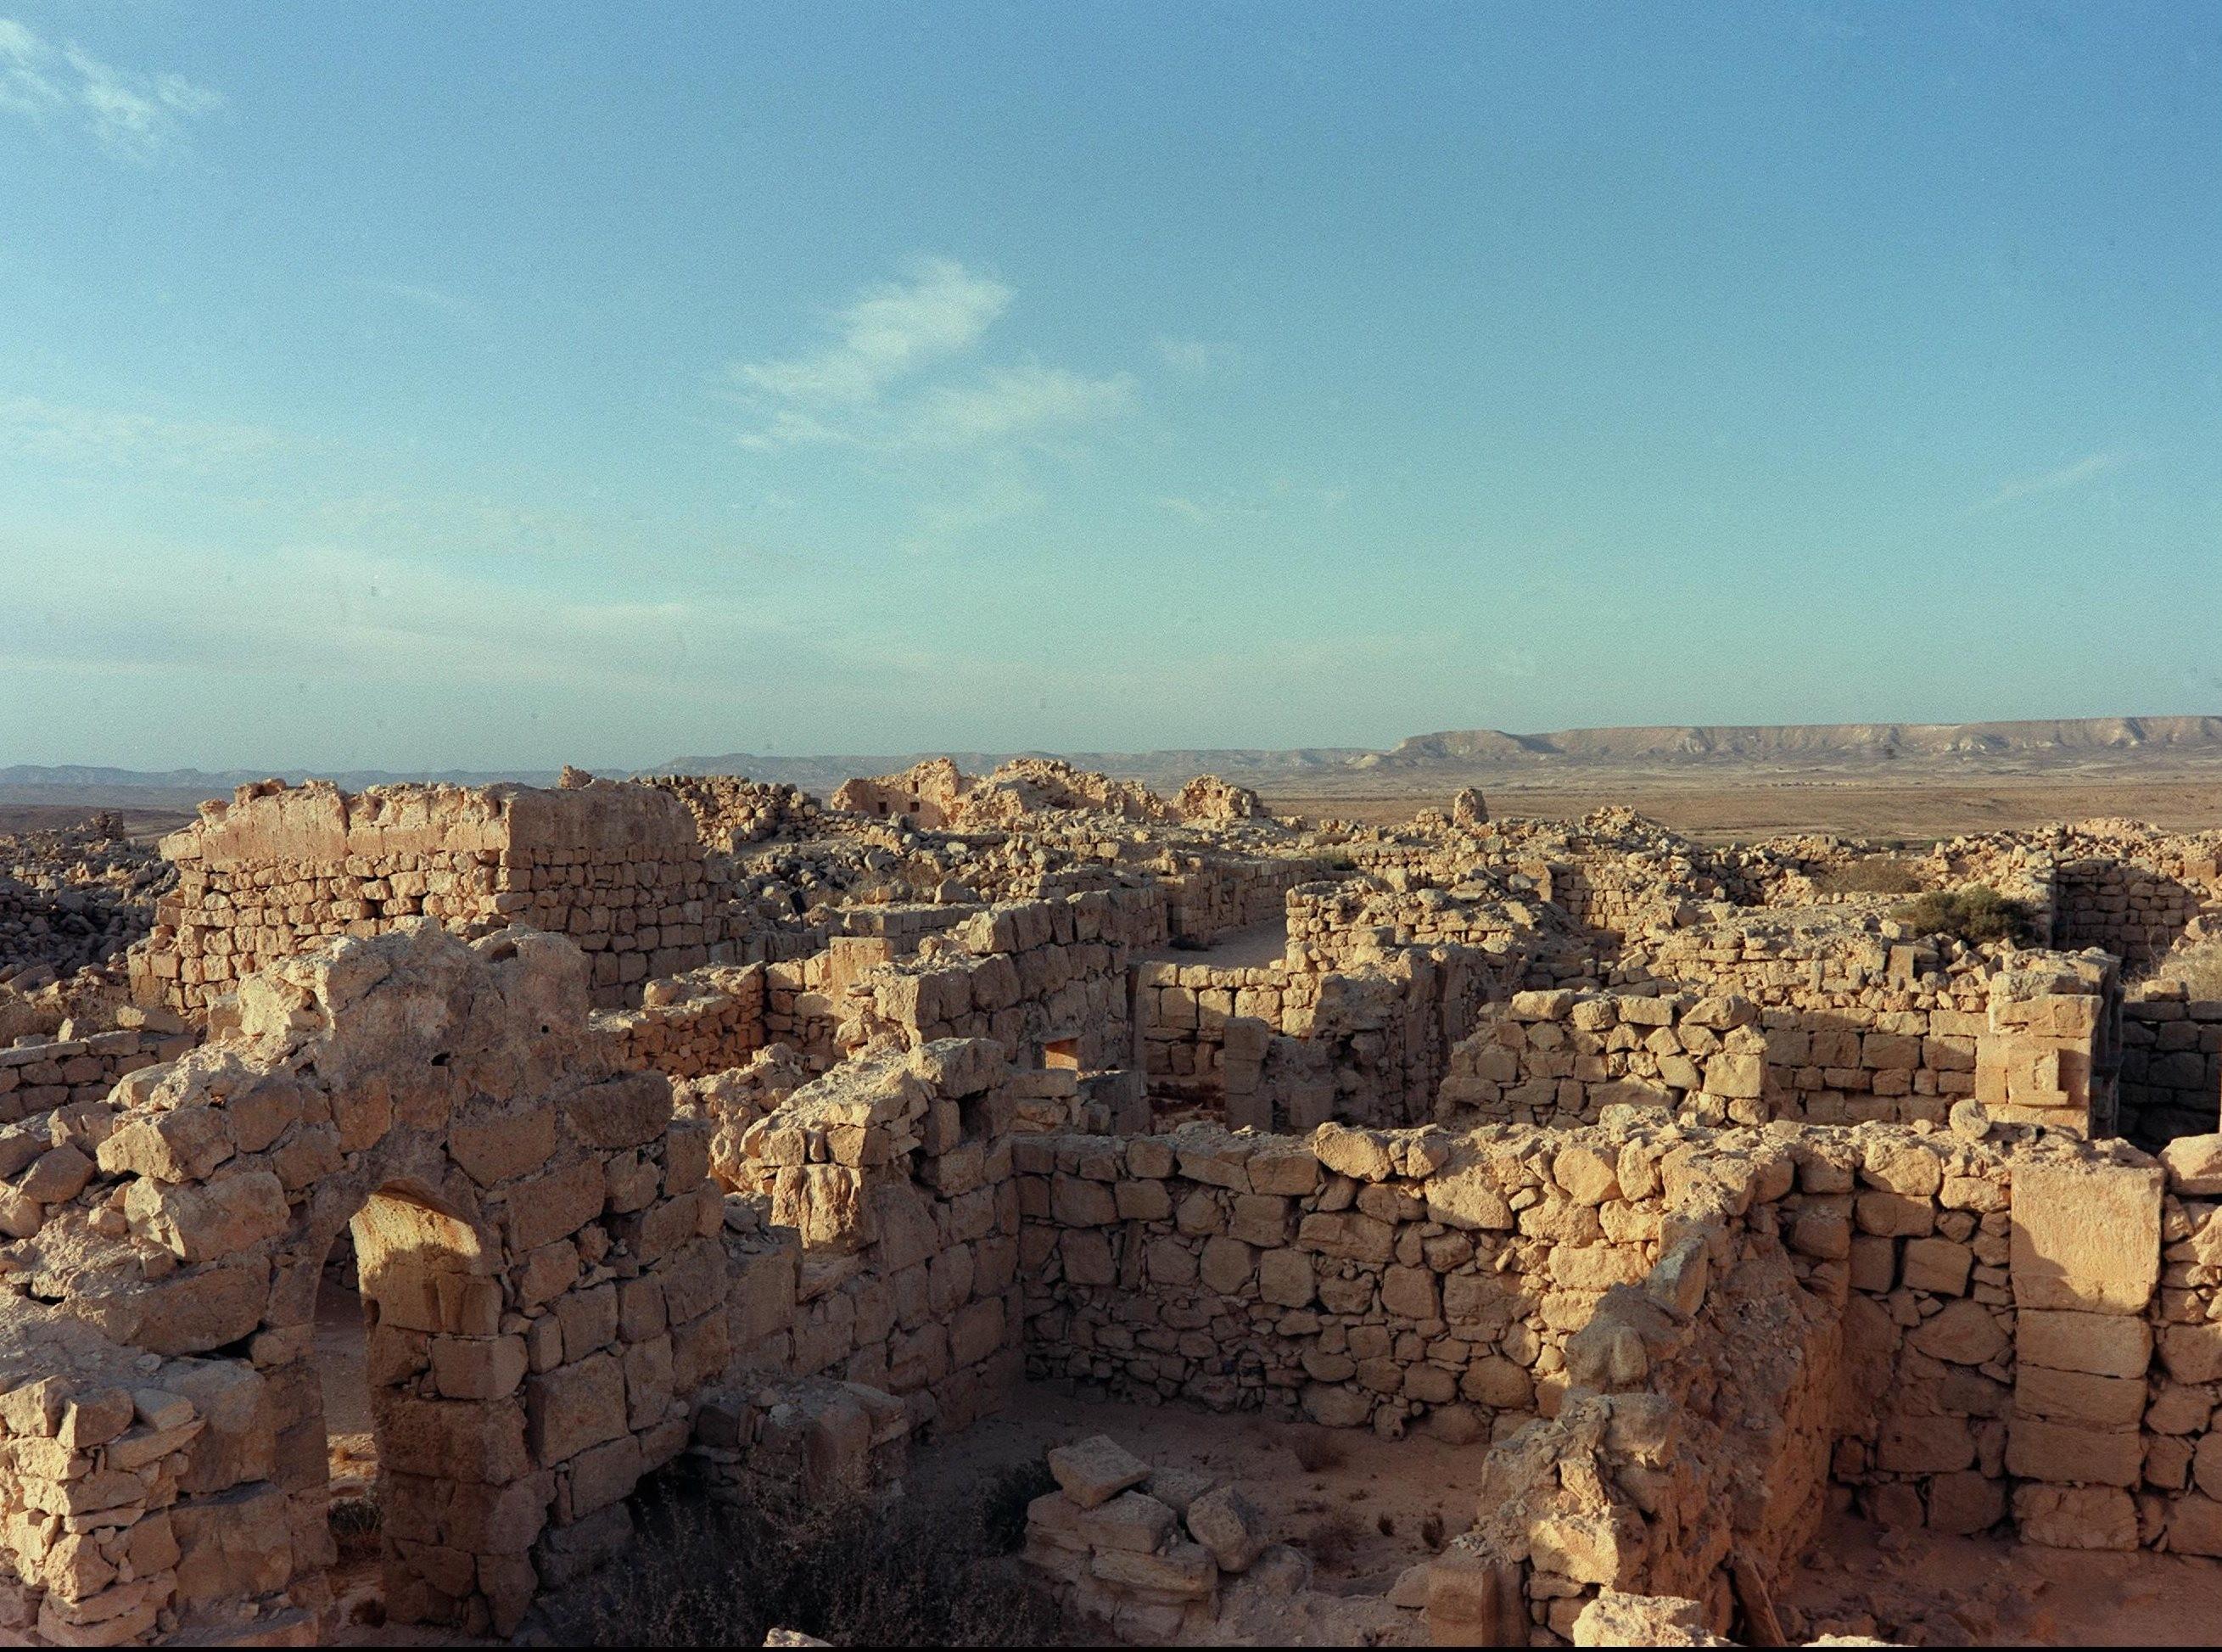 Ao todo, 140 artefatos foram encontrados (Foto: Government Press Office (Israel) - Wikimedia Commons)